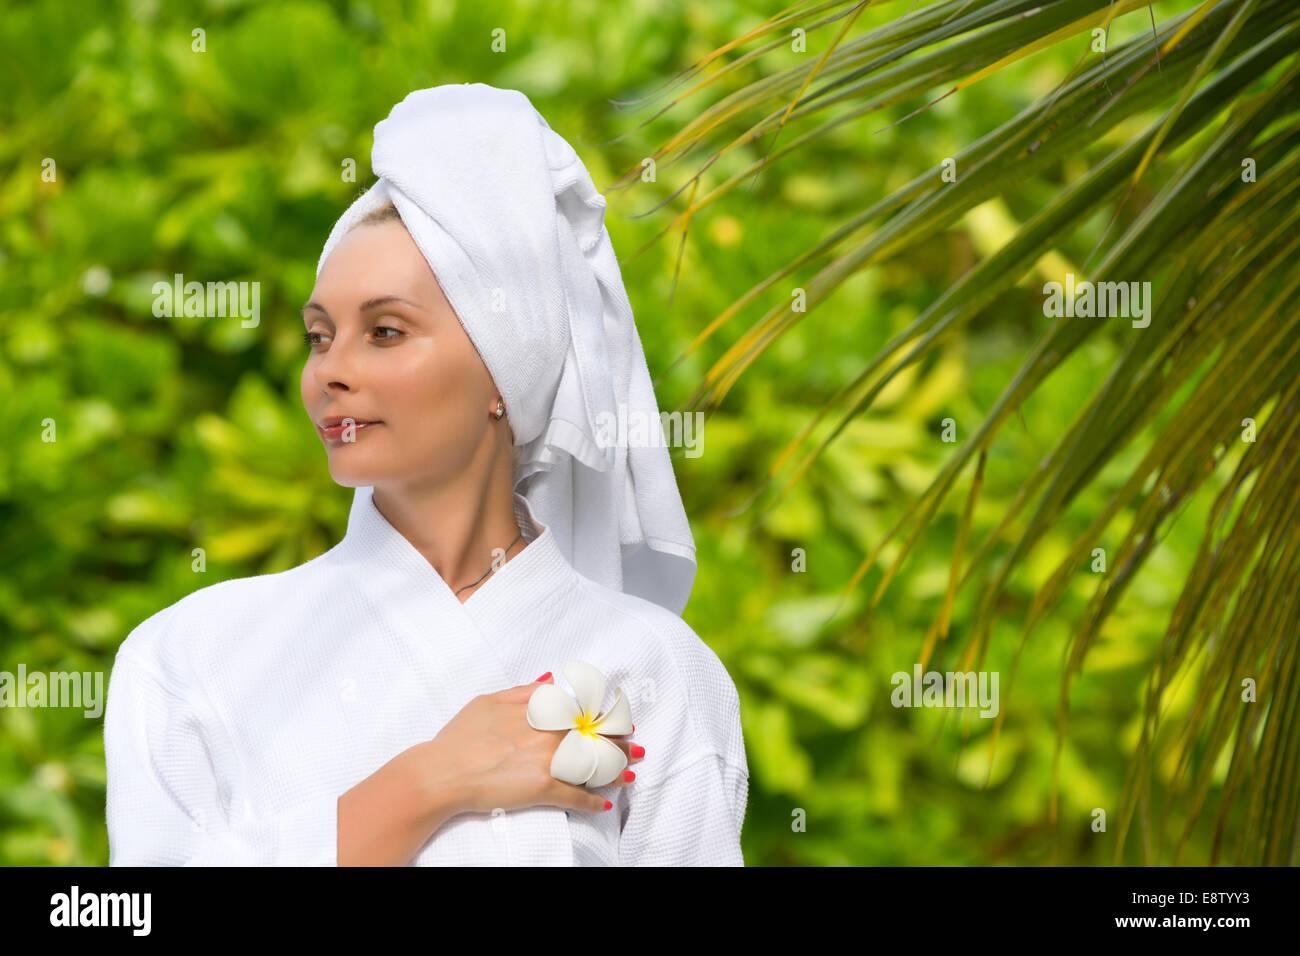 Gesundheit, Wellness und Beauty-Konzept - schöne Frau Handtuch Stockbild